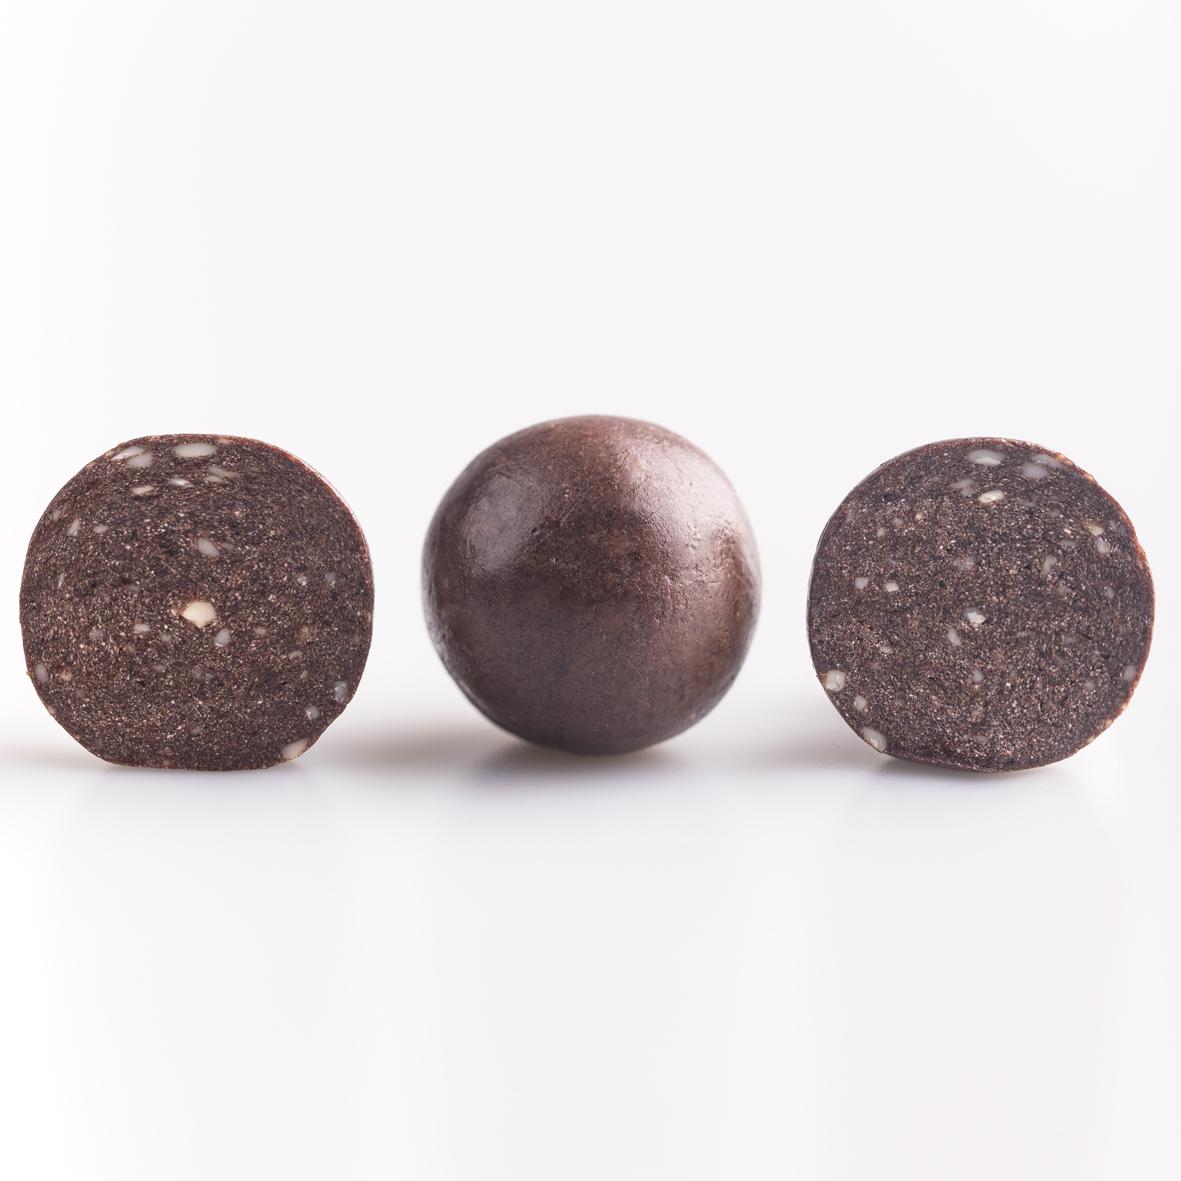 Набор полезных конфет Protein Ball. Апельсин-шоколад (12 упаковок по 2 конфеты)